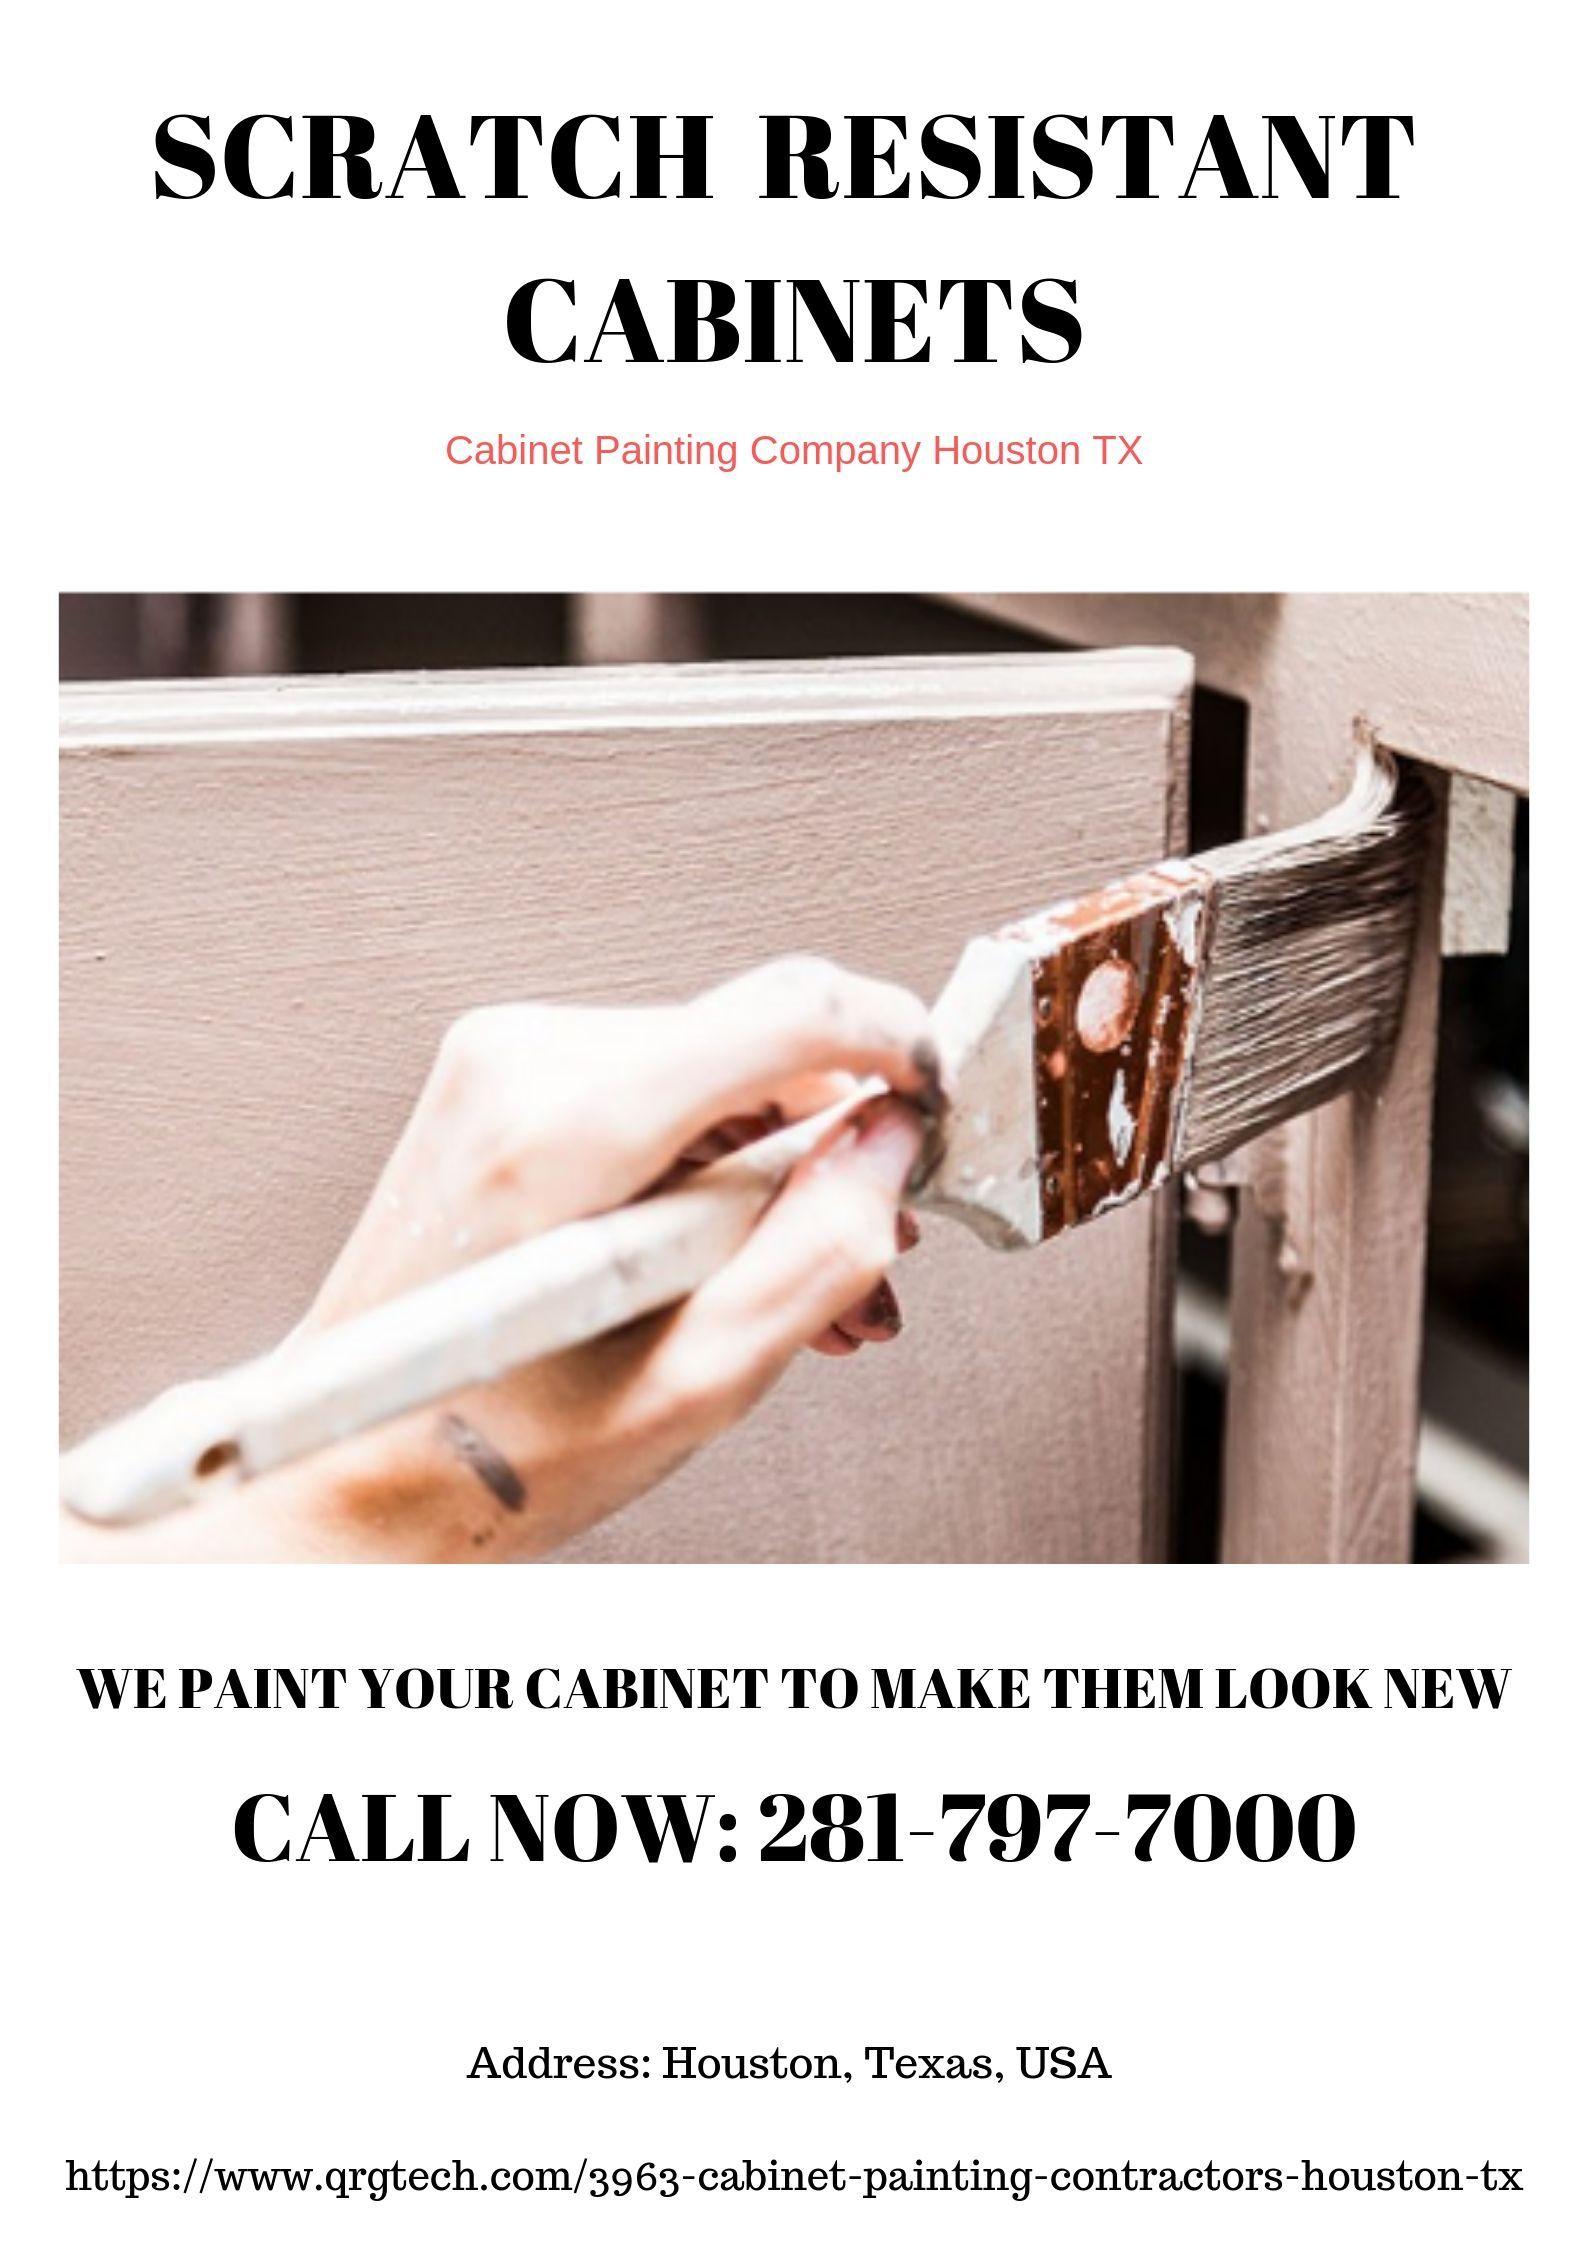 Best Kitchen Cabinet Paint Companies Houston Tx Painting Cabinets Painting Contractors Best Kitchen Cabinet Paint